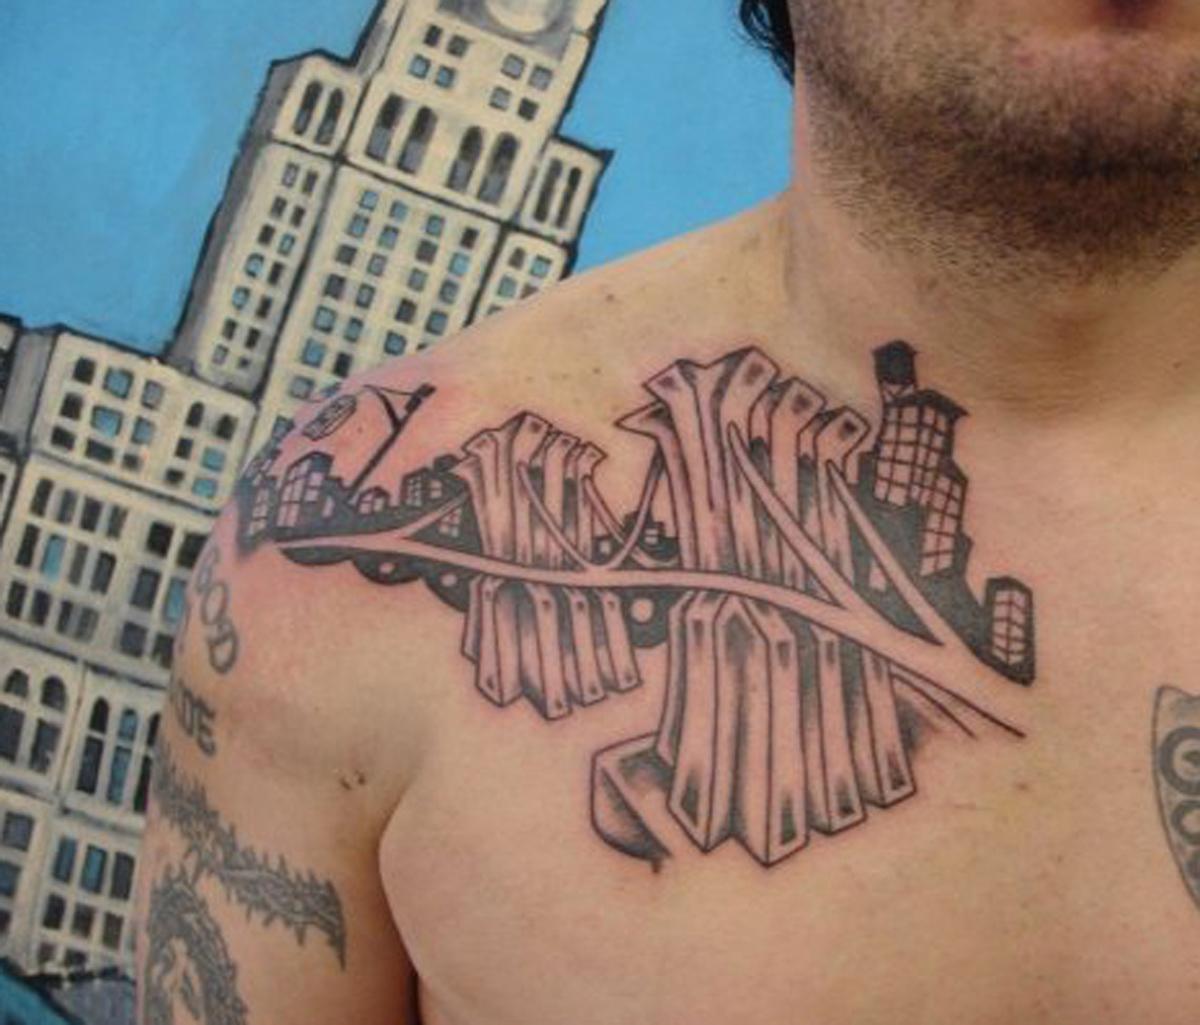 Classy tattoos brooklyn tattoo for Brooklyn tattoo ideas